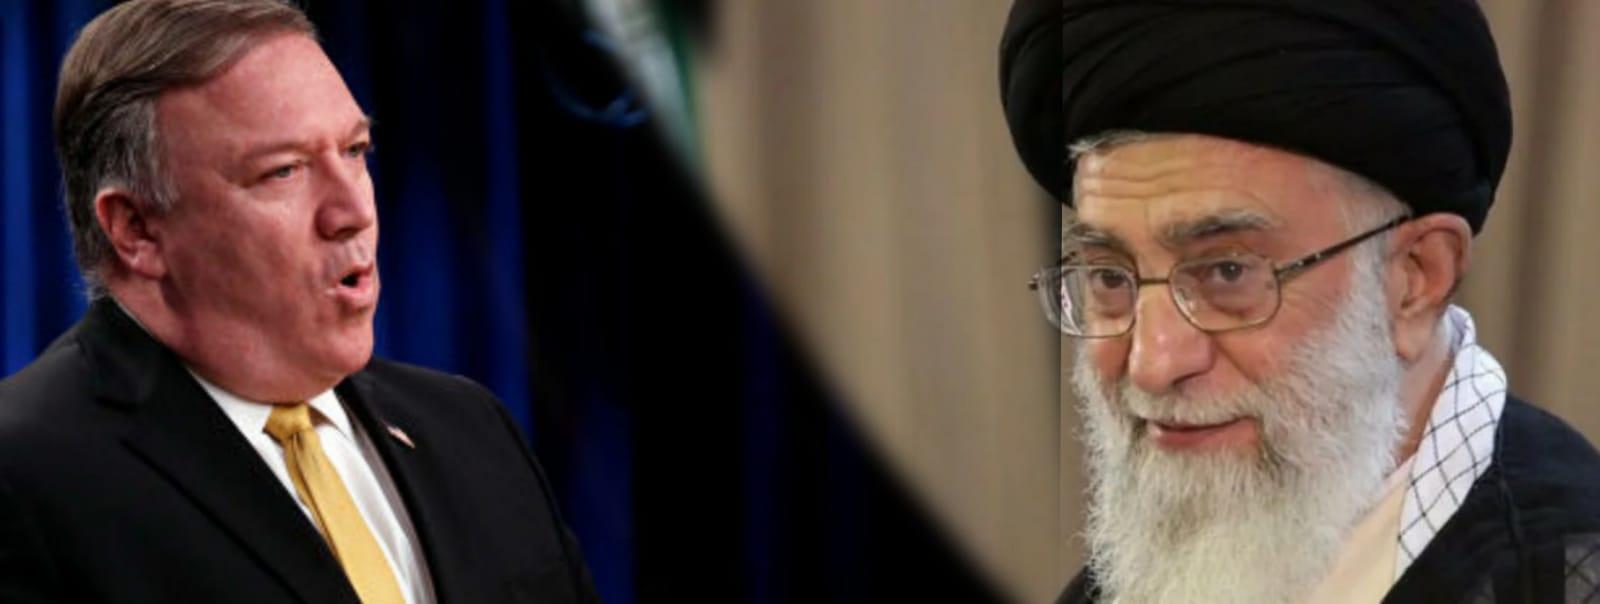 ABD Dışişleri Bakanı Pompeo İran'ı El Kaide'nin yeni üssü ilan etti